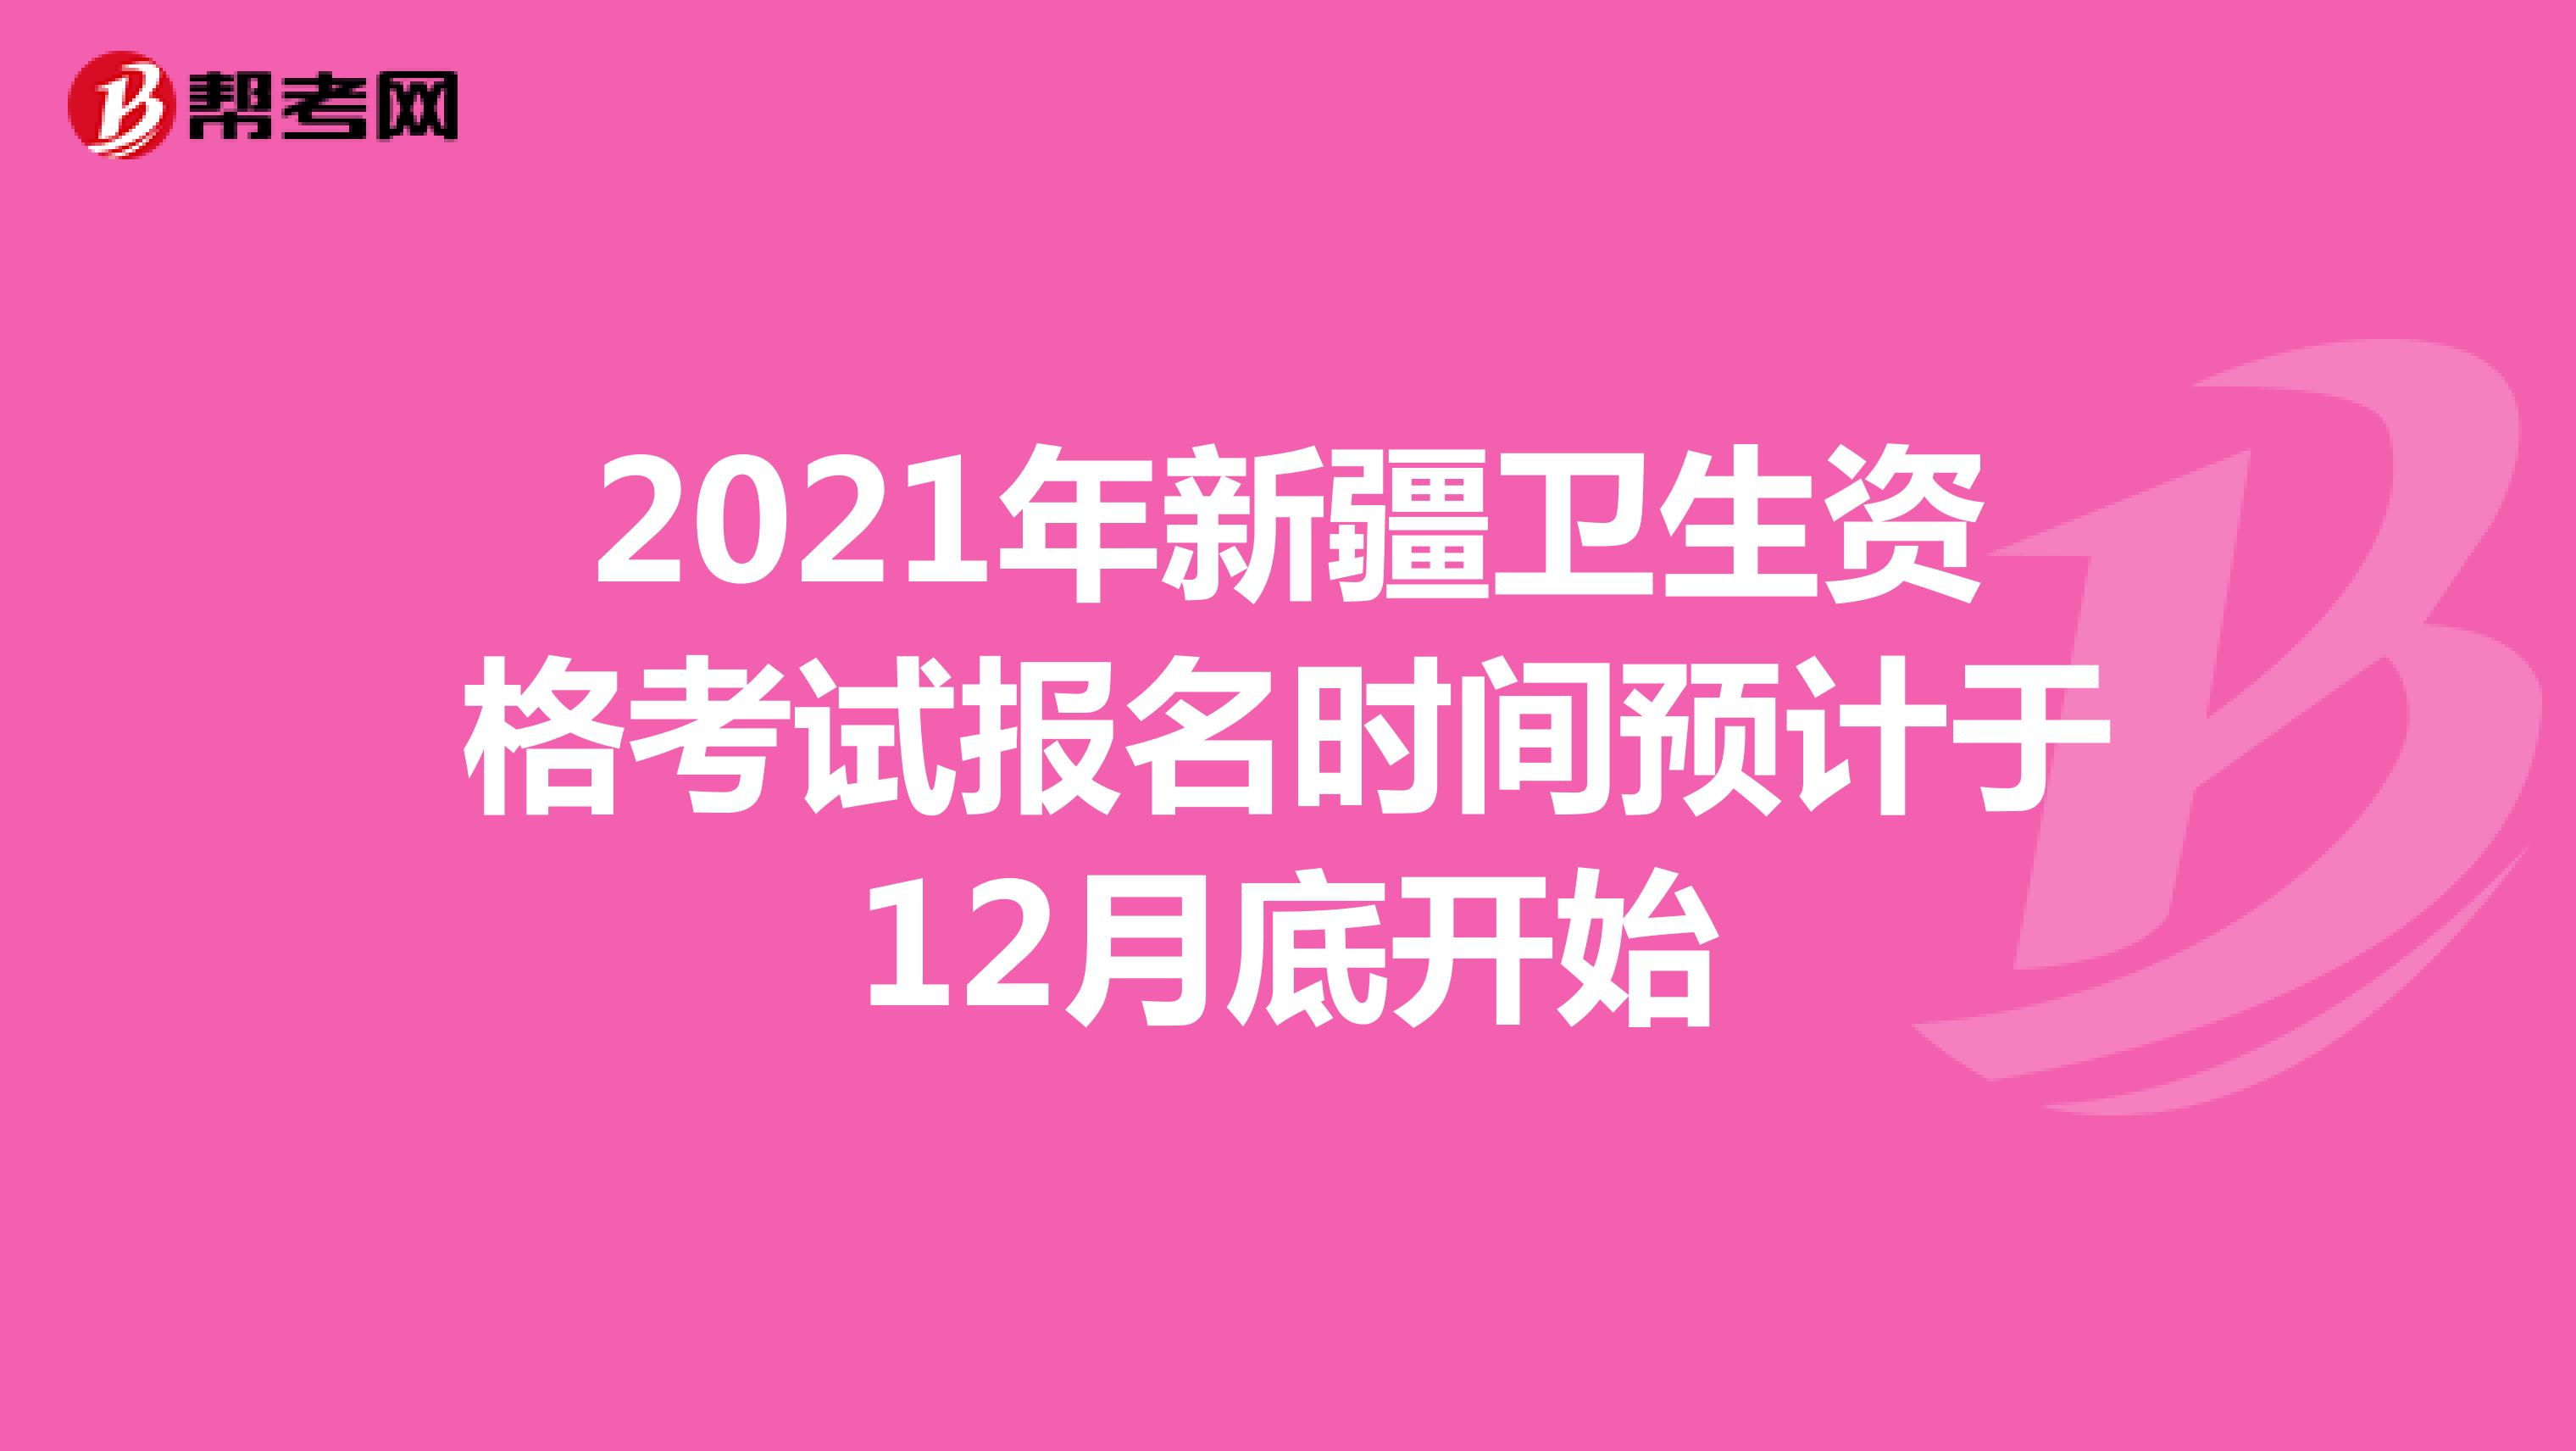 2021年新疆卫生资格考试报名时间预计于12月底开始